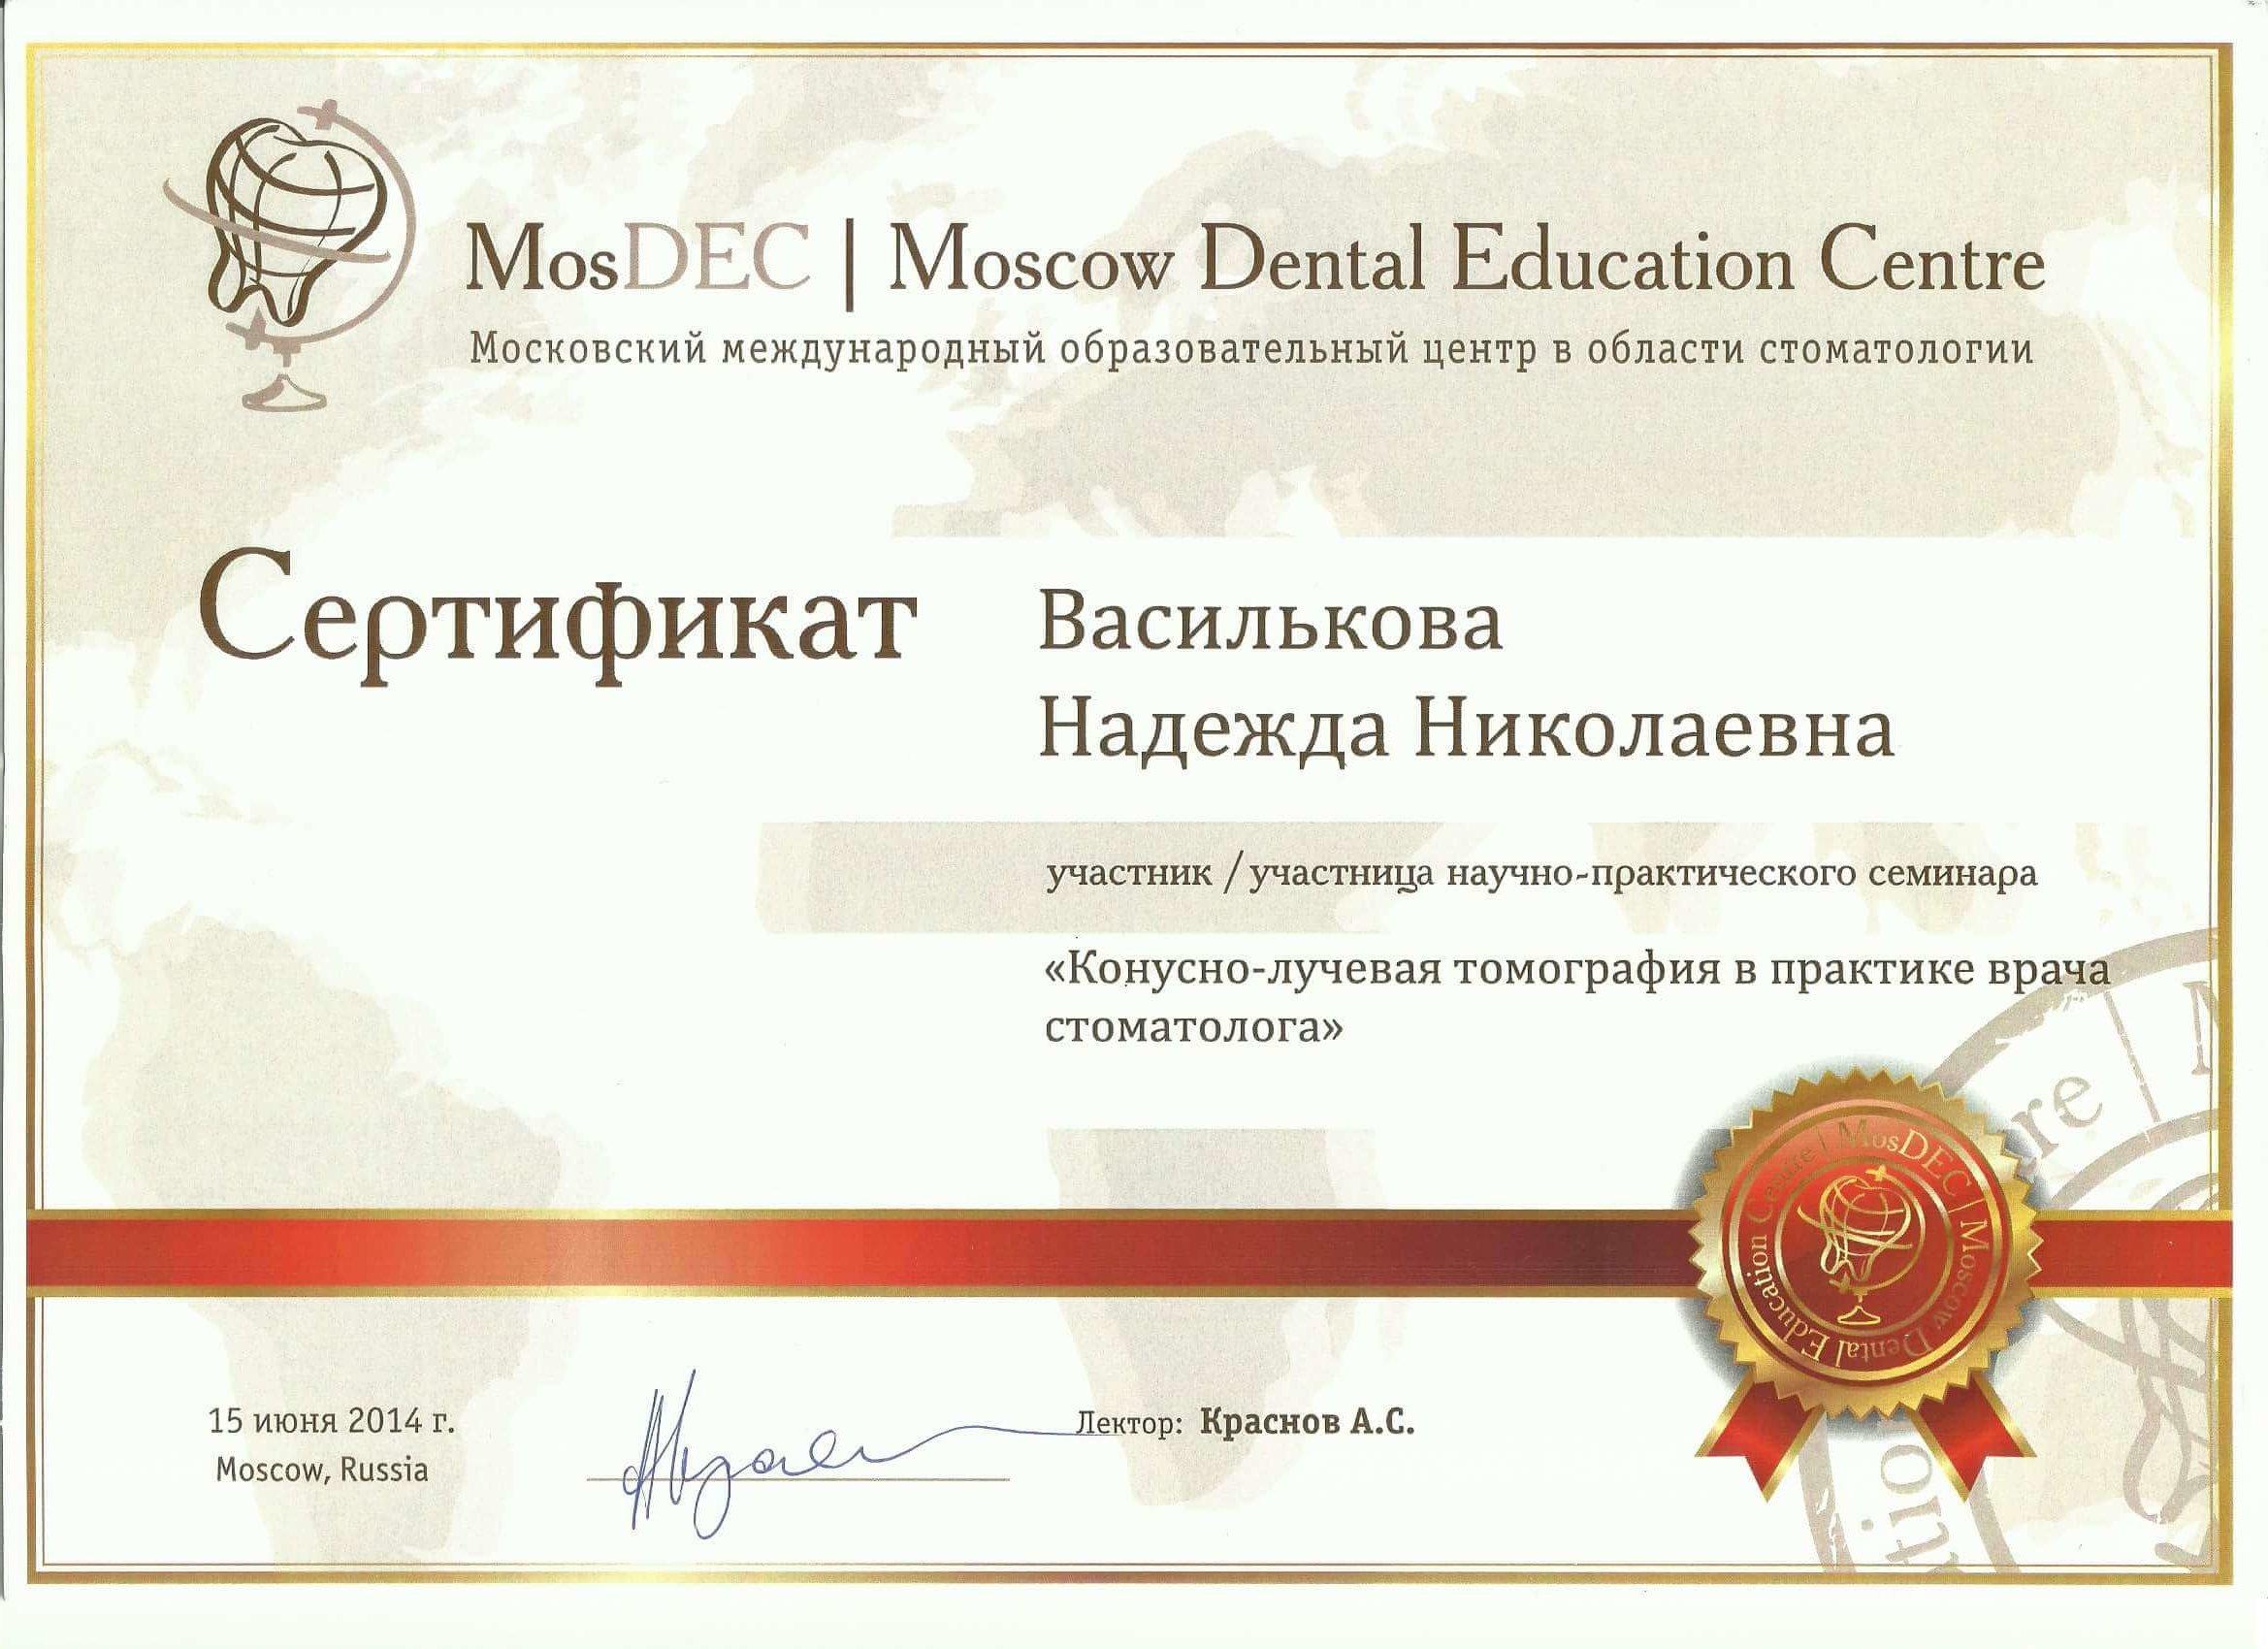 Сертификат от 15.06.2014